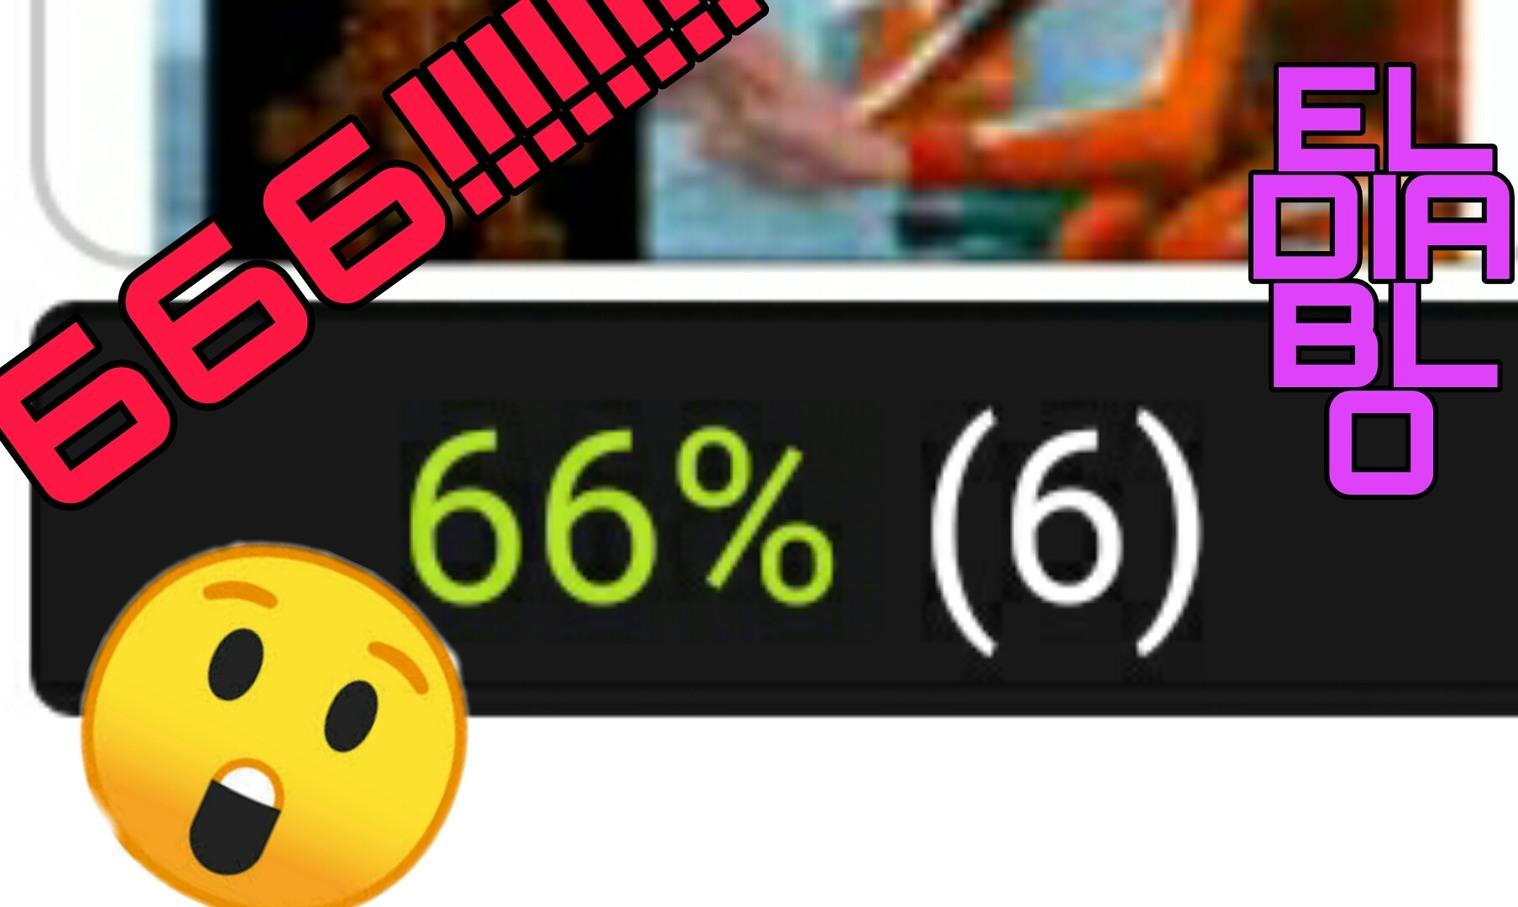 666 el numero miedoso - meme